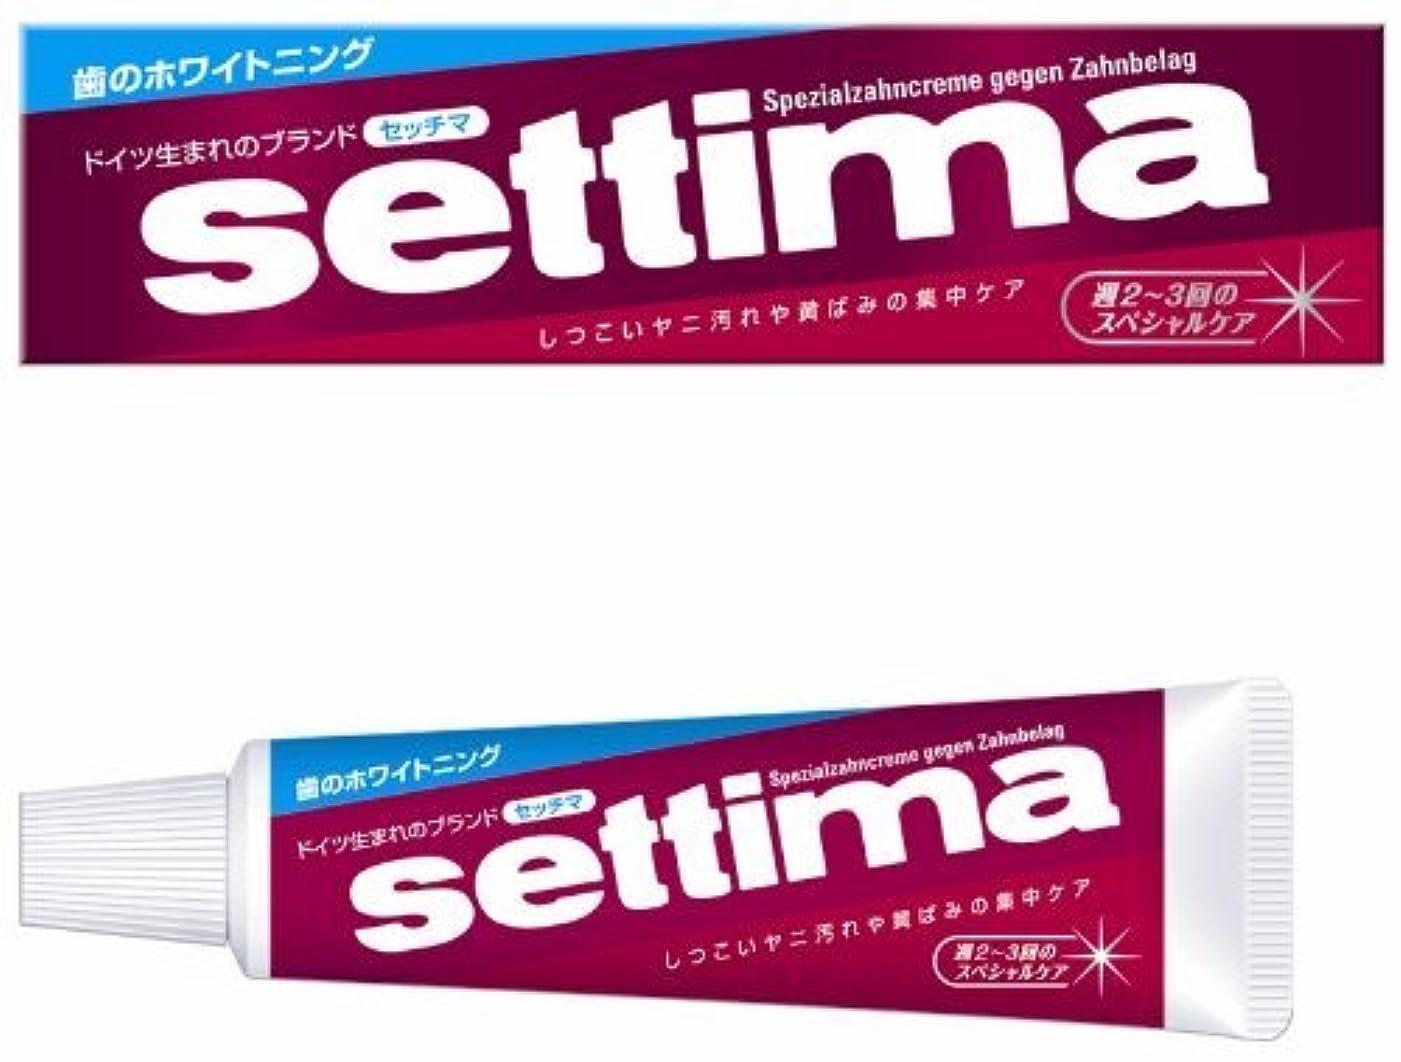 未接続反対した出しますsettima(セッチマ) はみがき スペシャル (箱タイプ) 40g